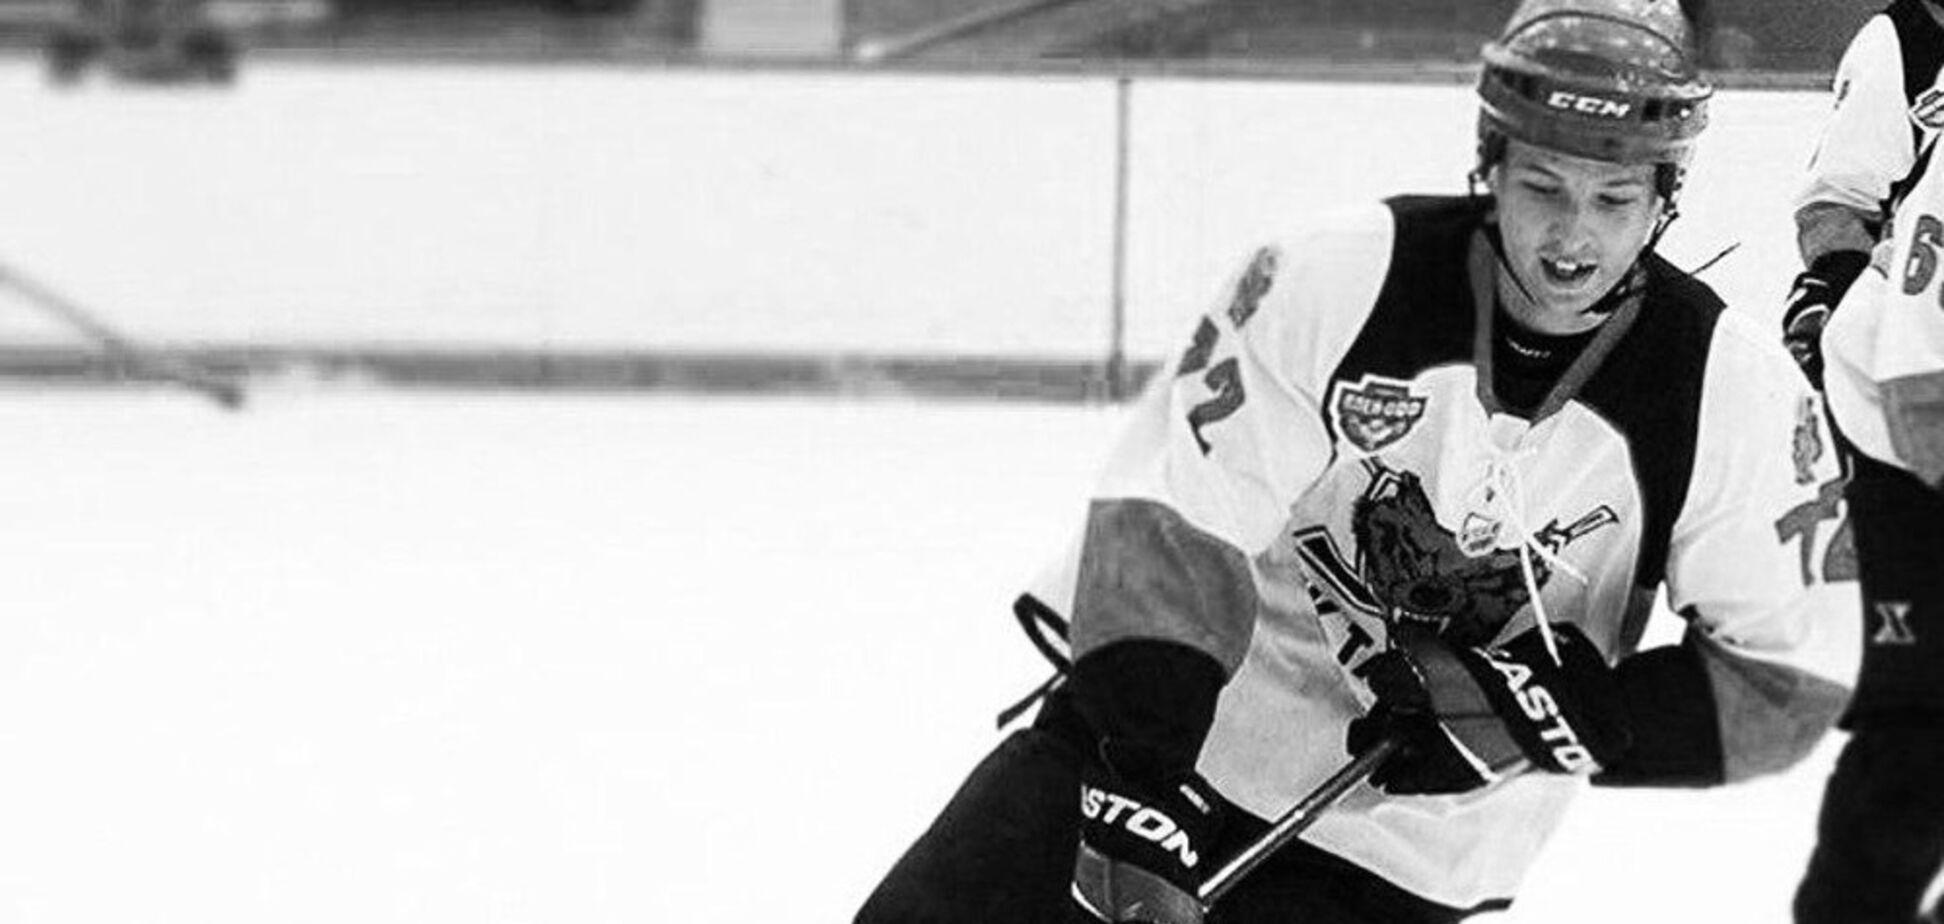 Российского хоккеиста убили за благородство